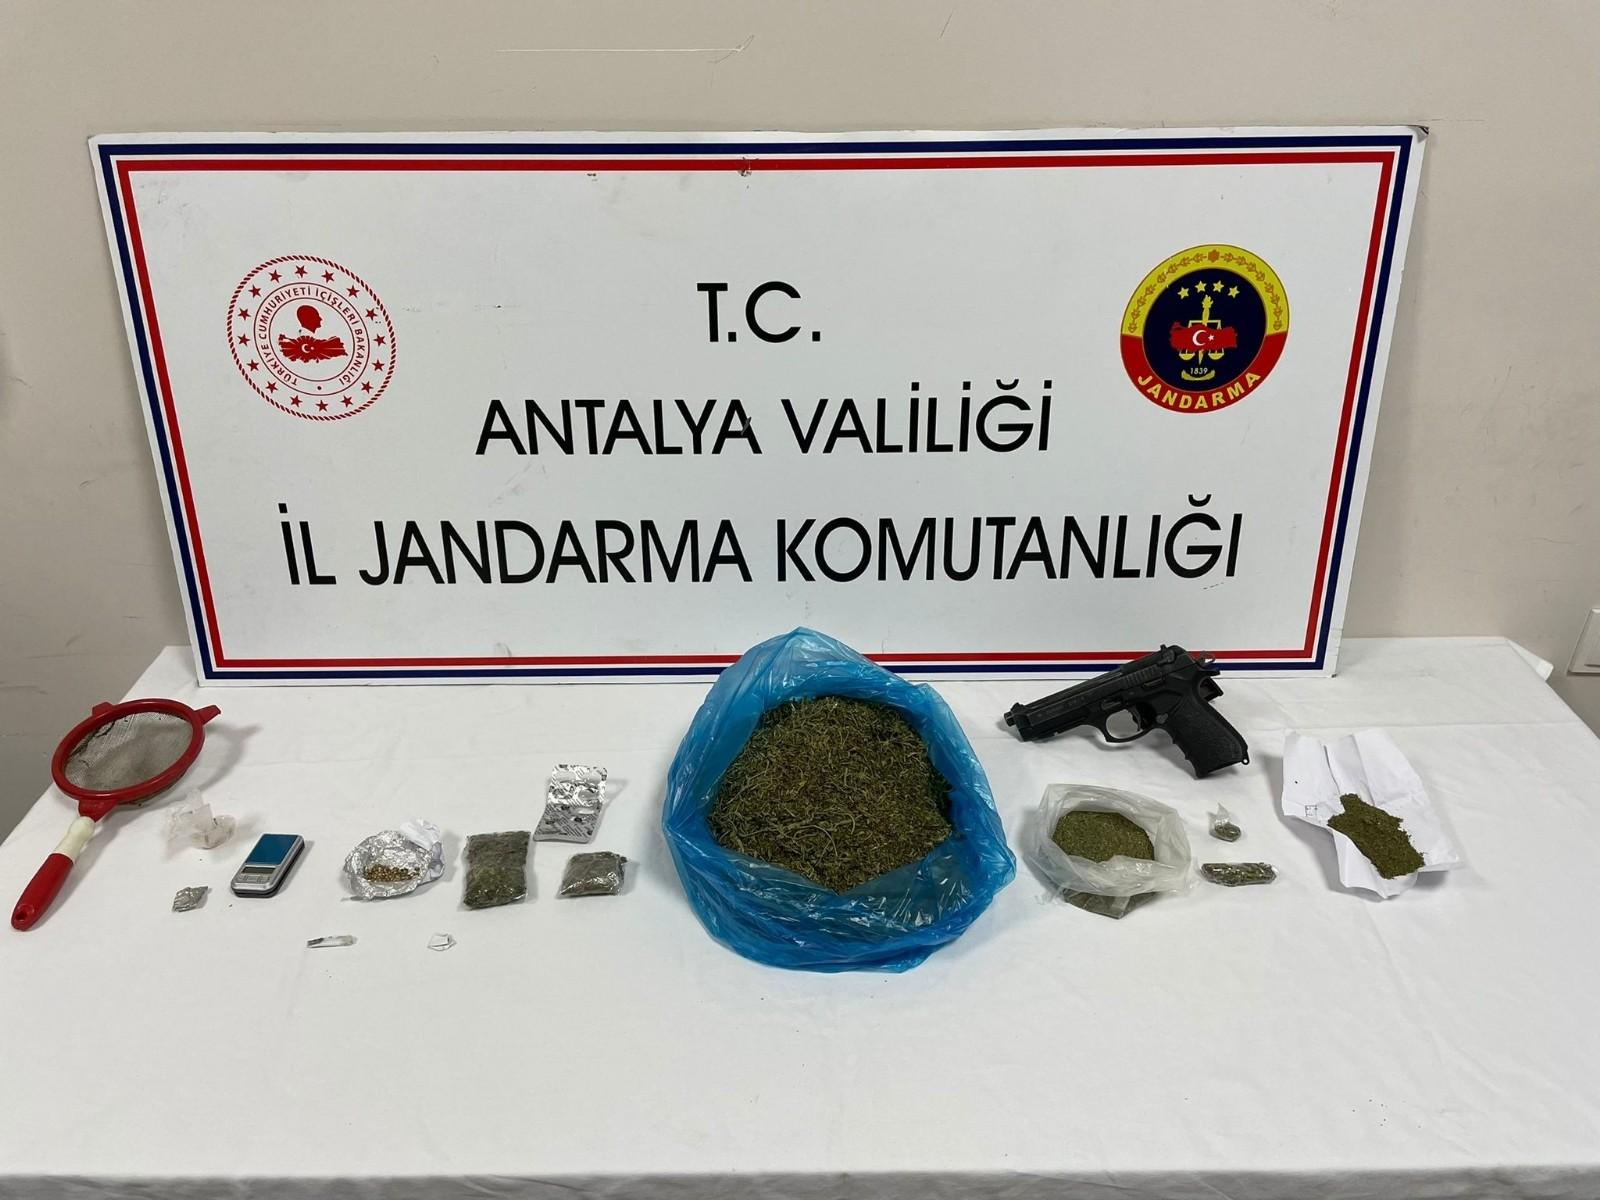 Kemer'de Uyuşturucu Baskını